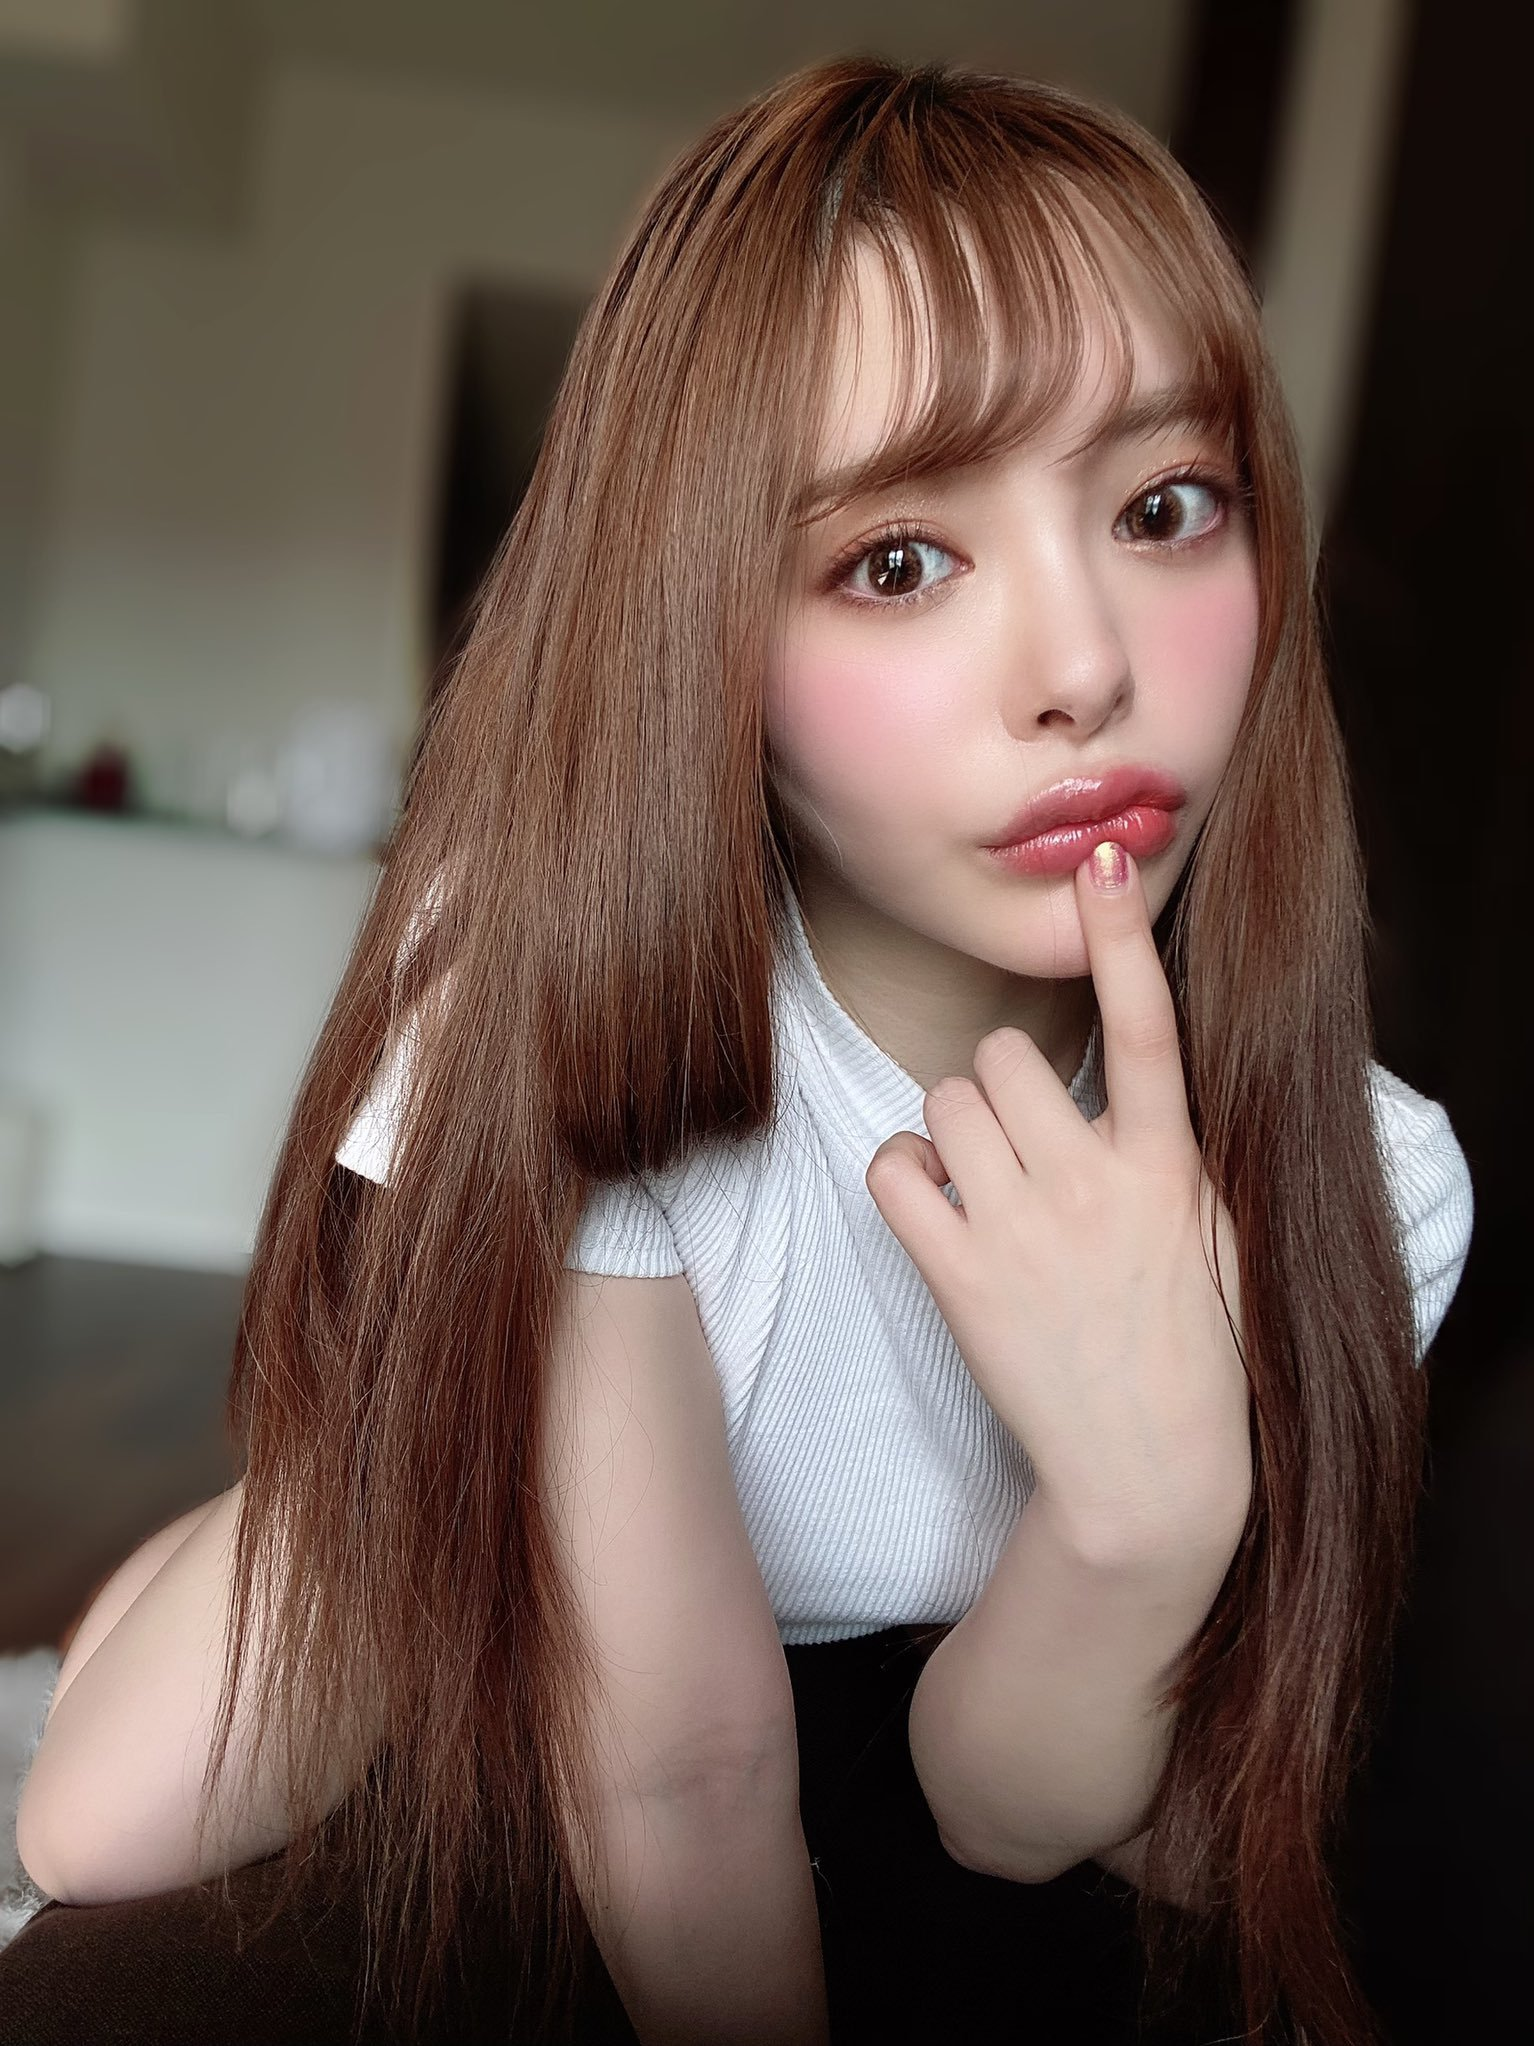 ogu_yuna 1256122644769861633_p1